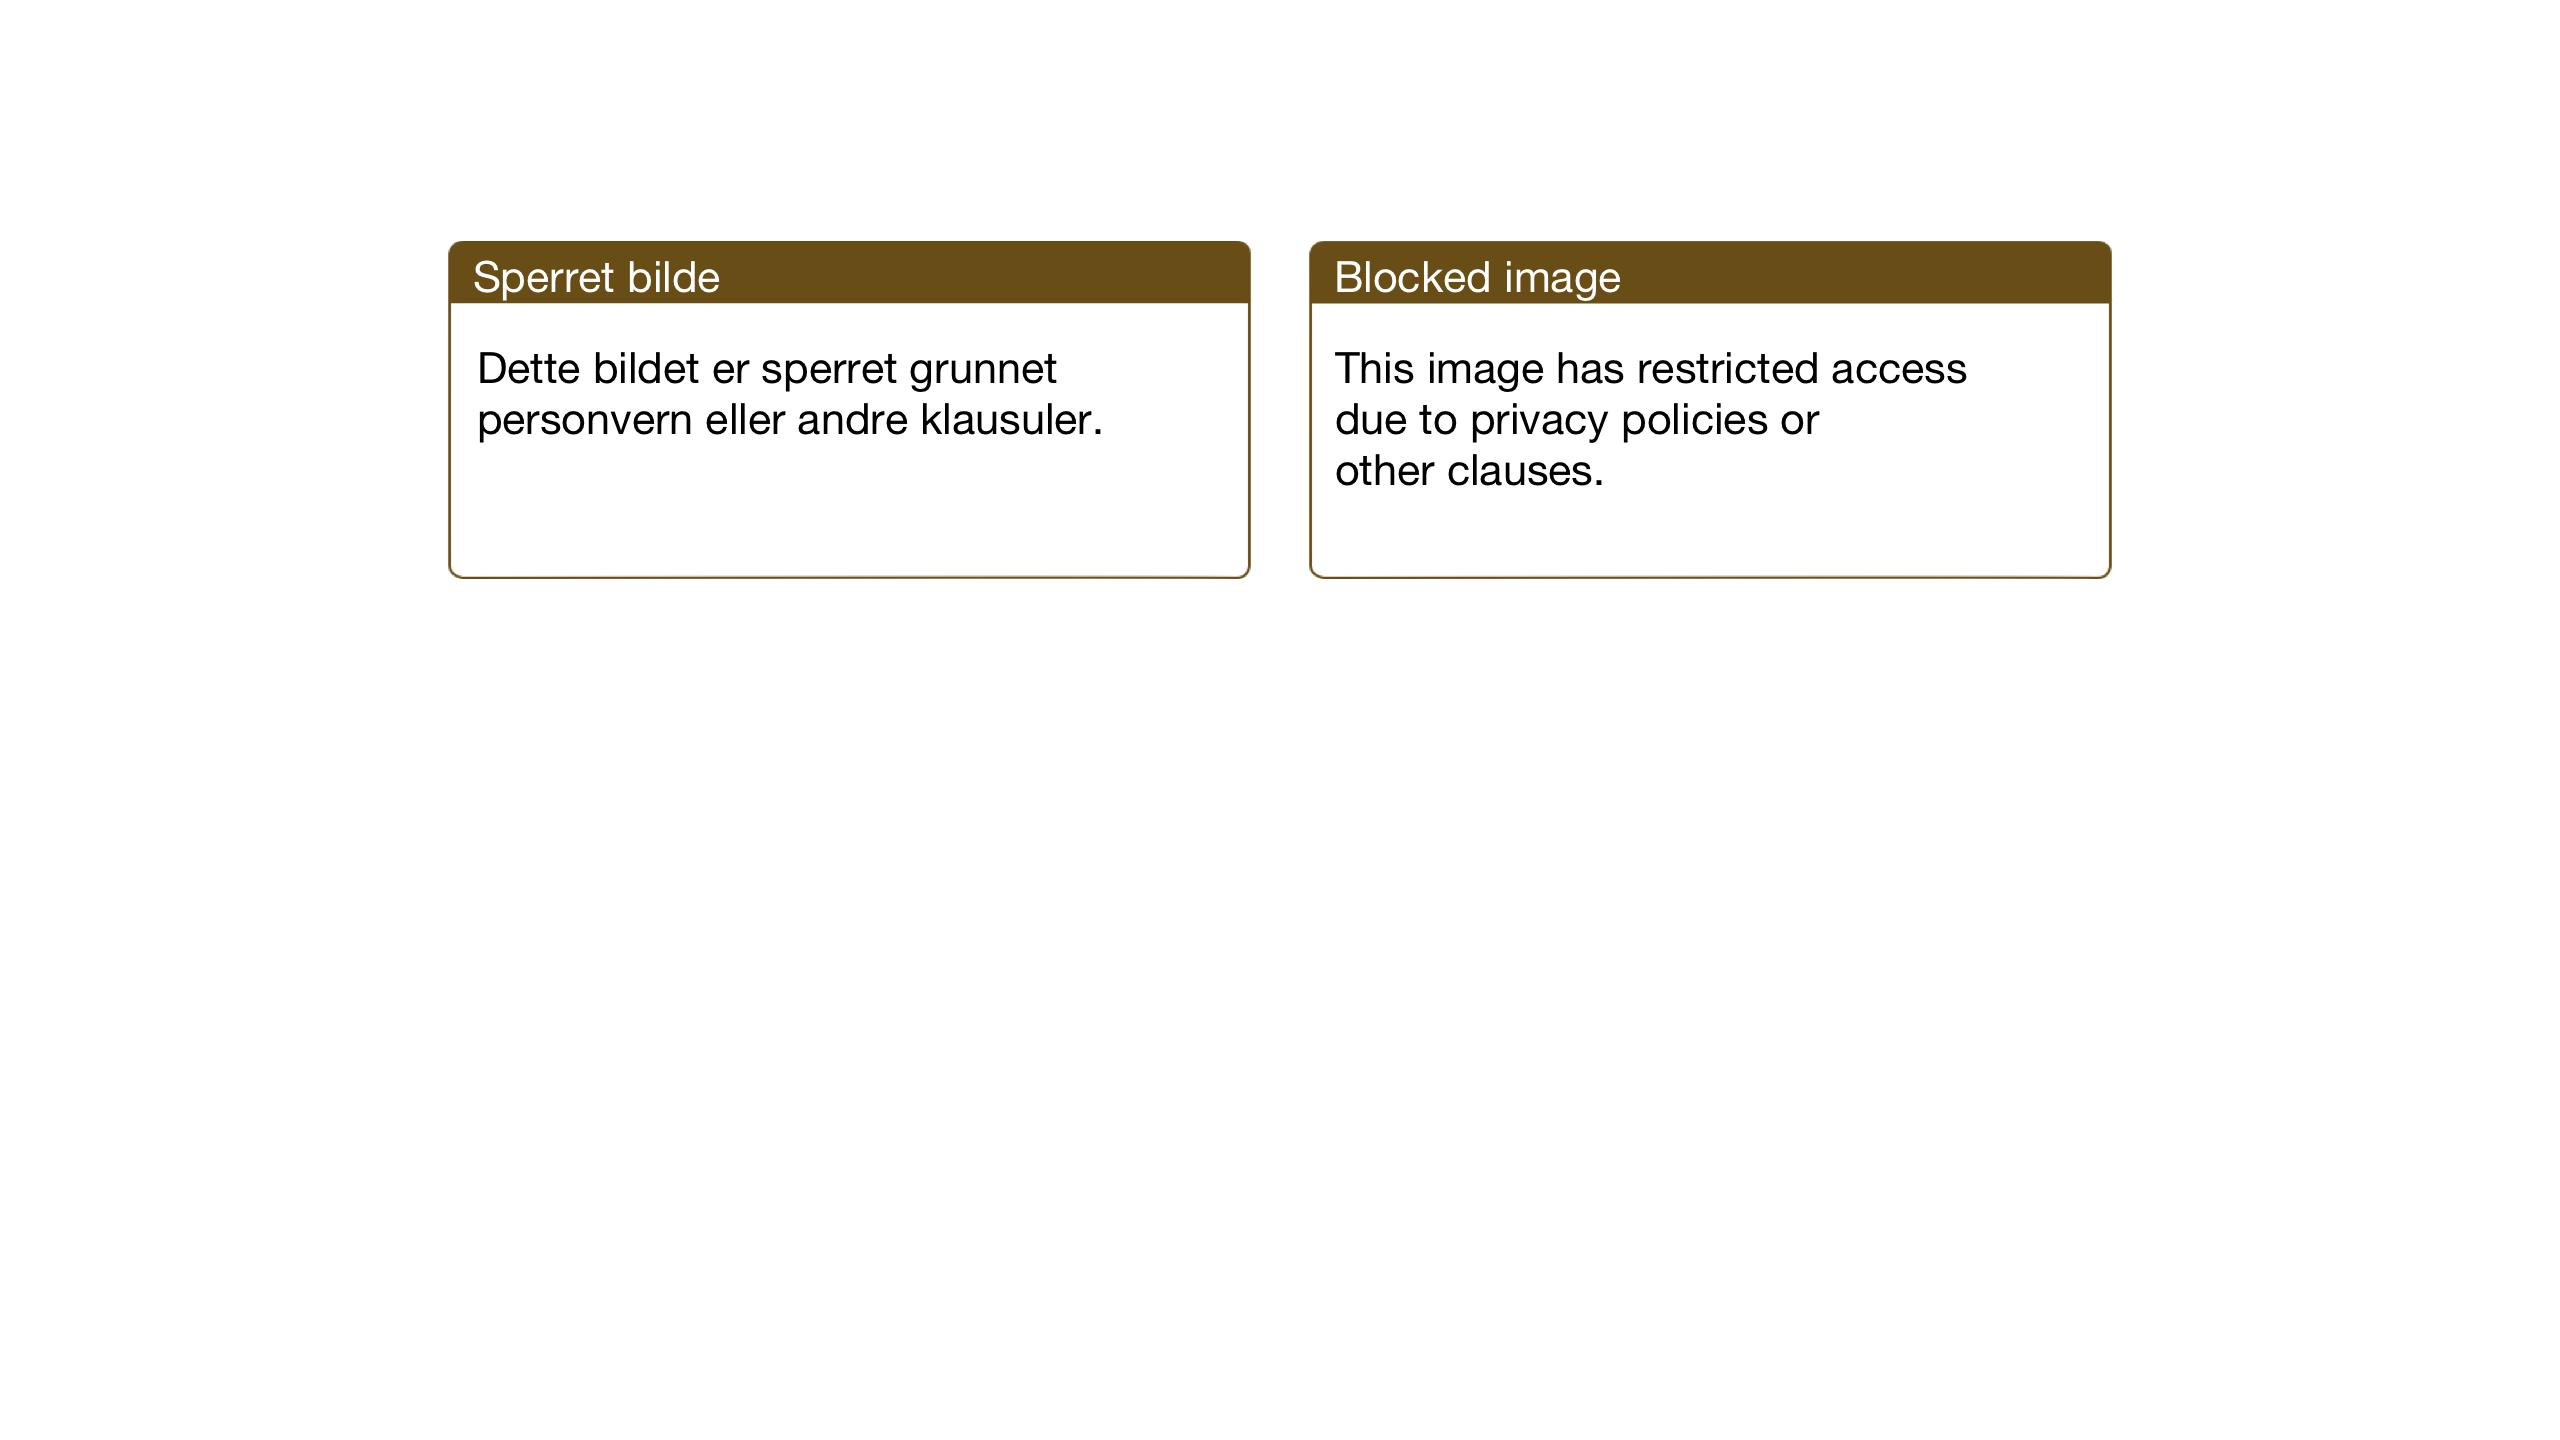 SAT, Ministerialprotokoller, klokkerbøker og fødselsregistre - Sør-Trøndelag, 689/L1045: Klokkerbok nr. 689C04, 1923-1940, s. 30